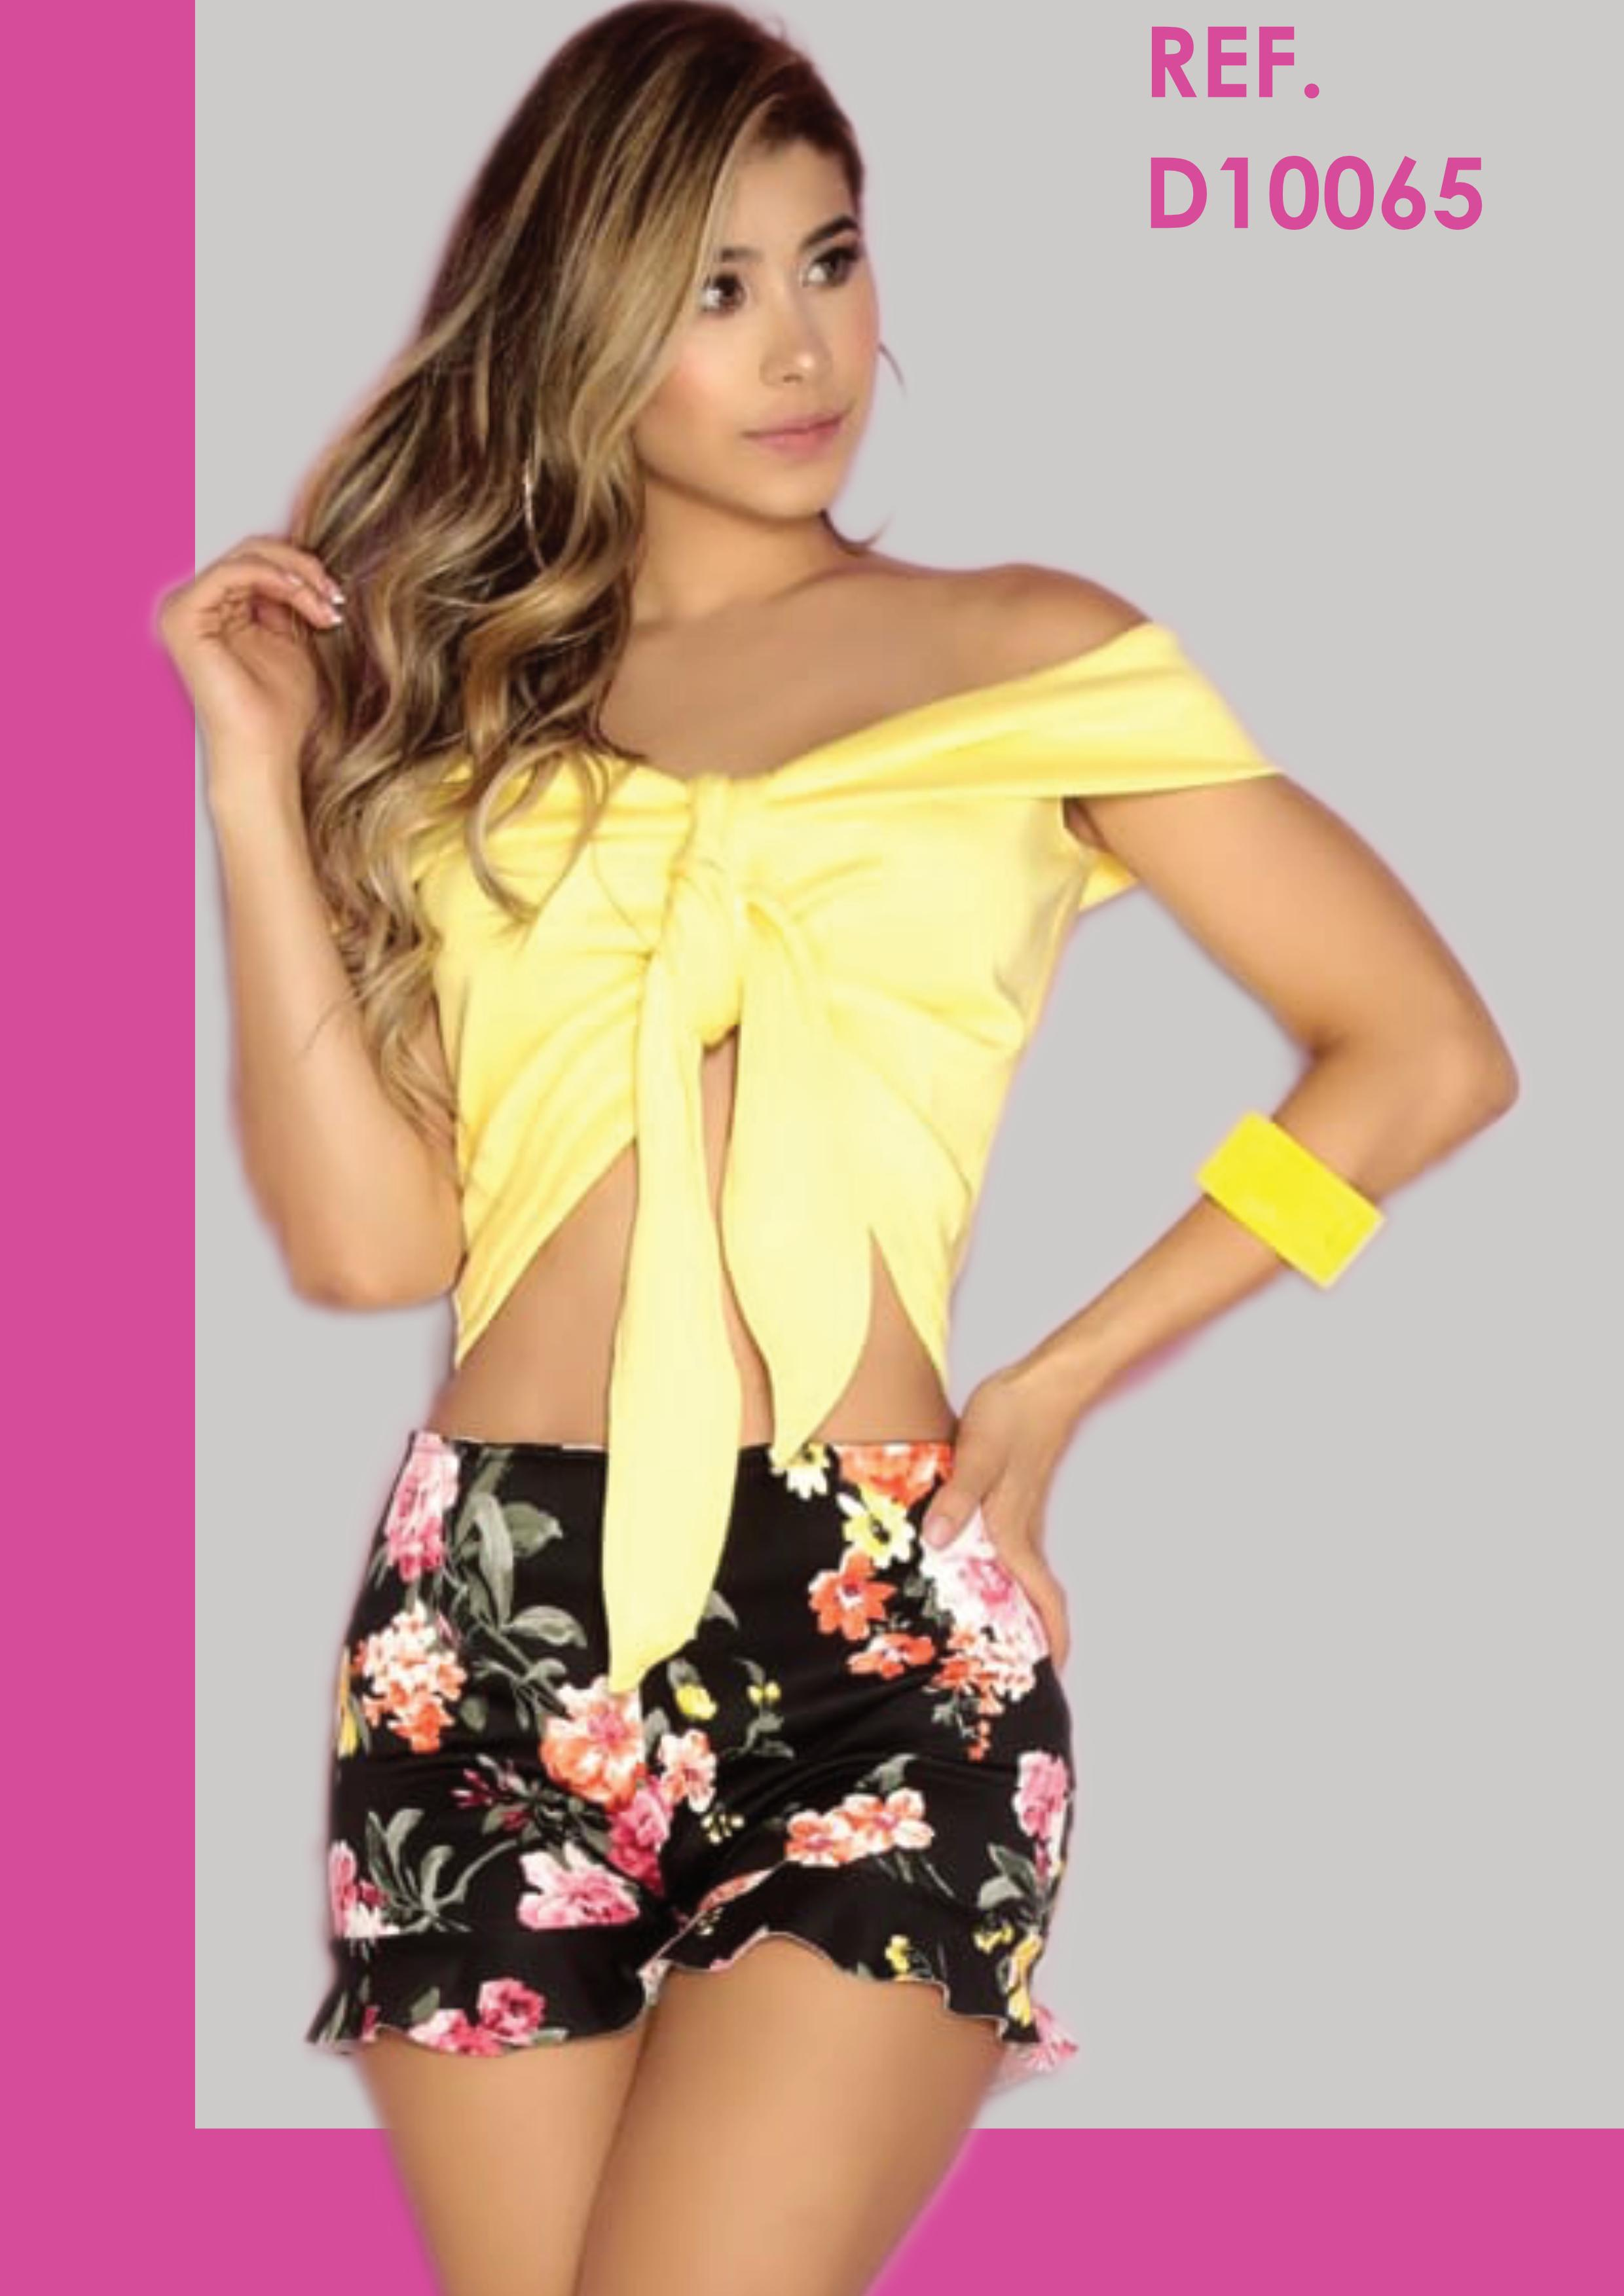 Conjunto de Blusa y Pantalón Short , con Detalles Veraniegos muyt Sexys en la Blusa, que se amarra en rente tipo pañoleta.